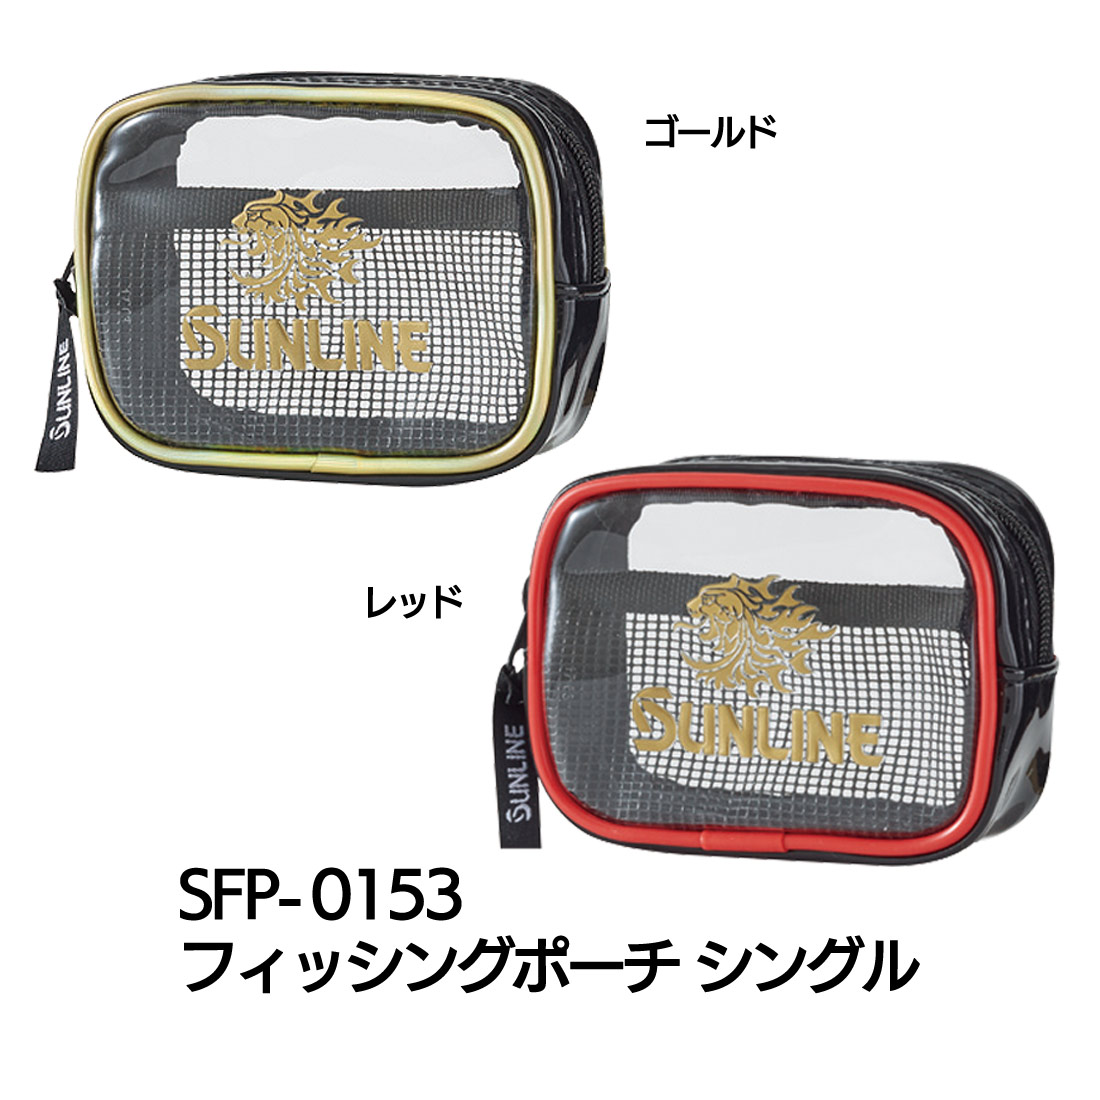 フィッシングポーチ シングル SFP-0153